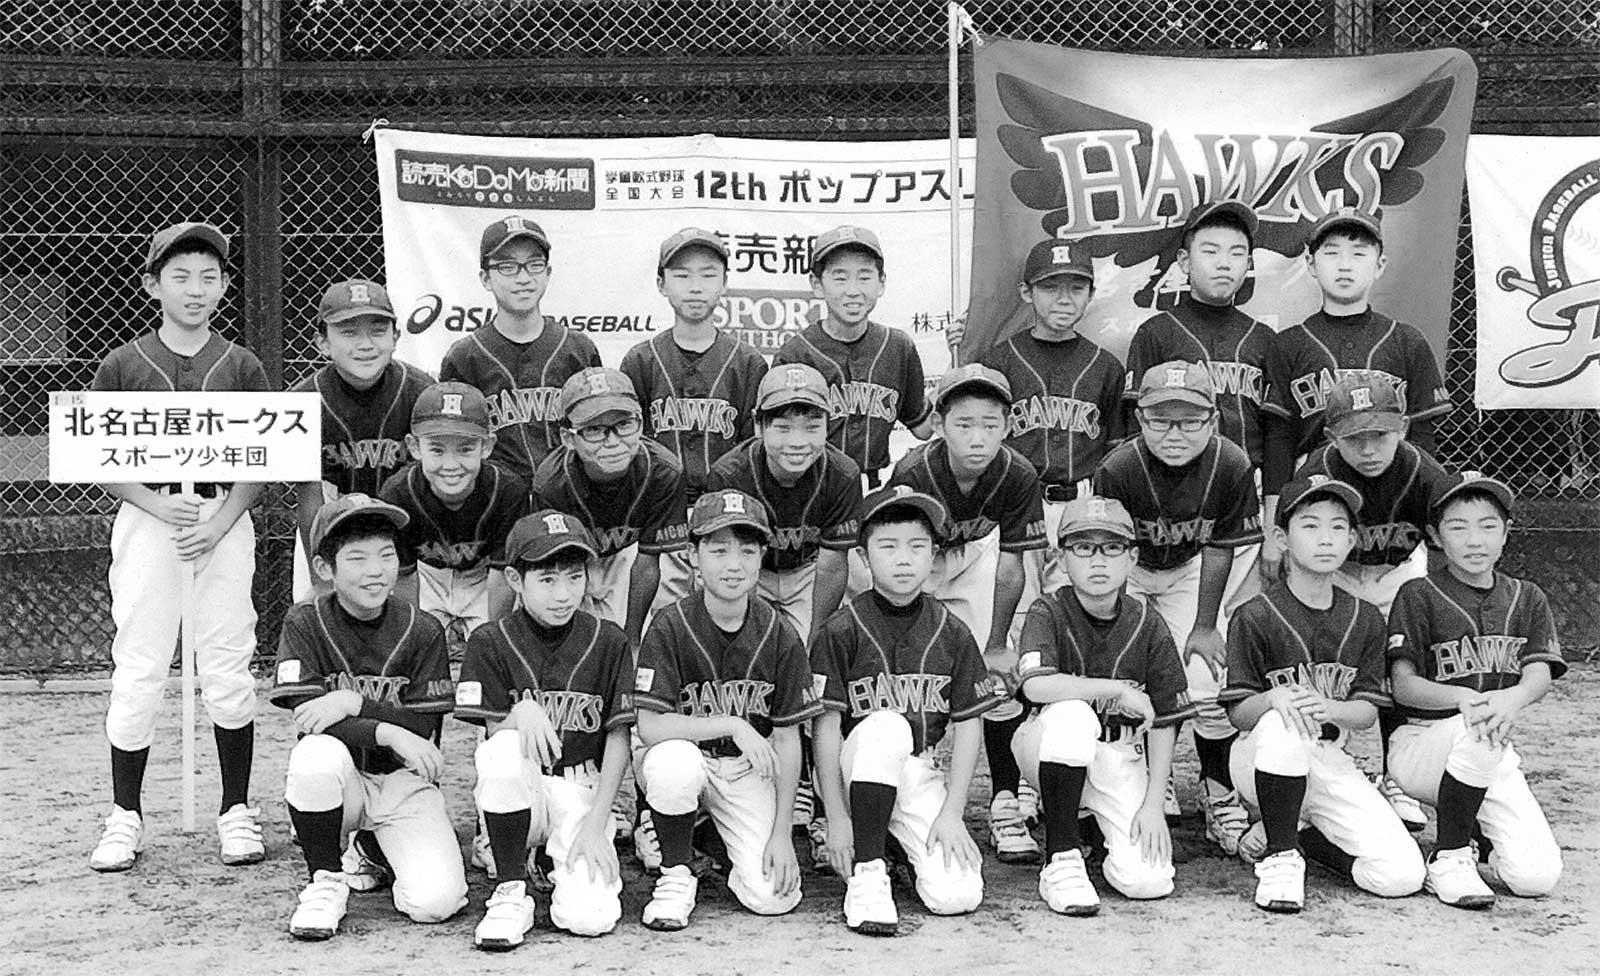 スポーツ少年団 北名古屋ホークス